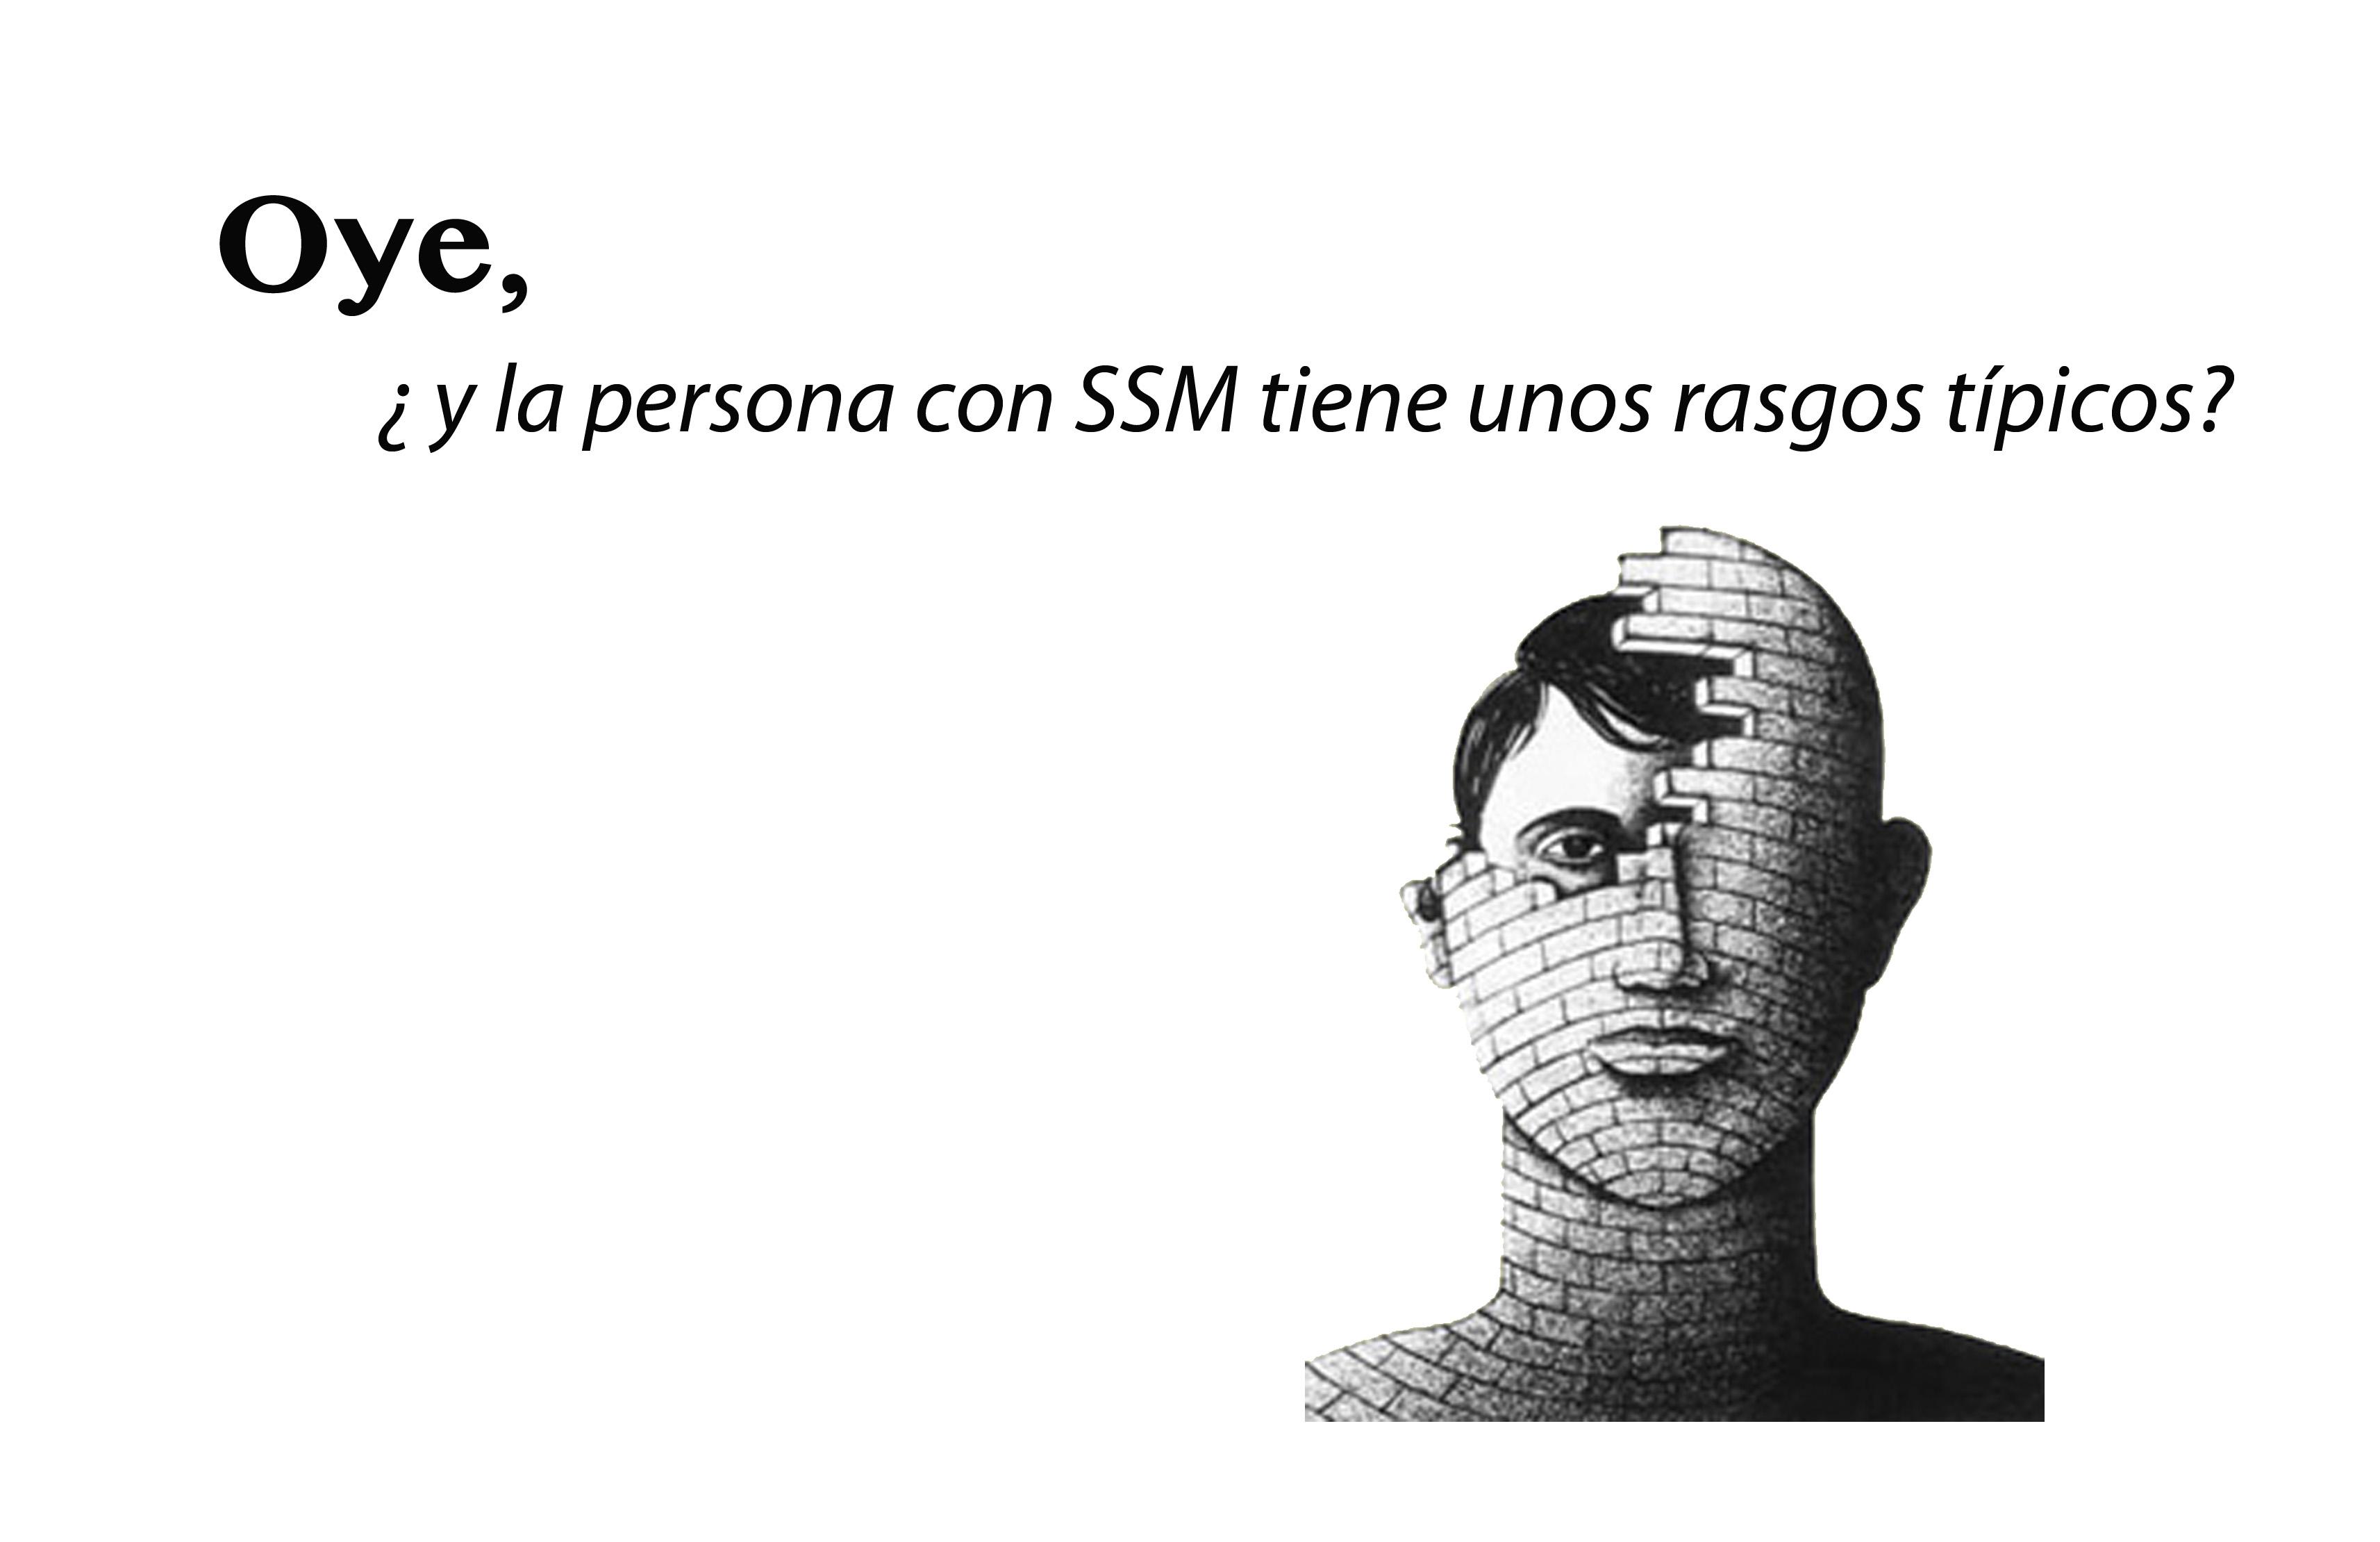 Oye, ¿y la persona con SSM tiene unos rasgos típicos?